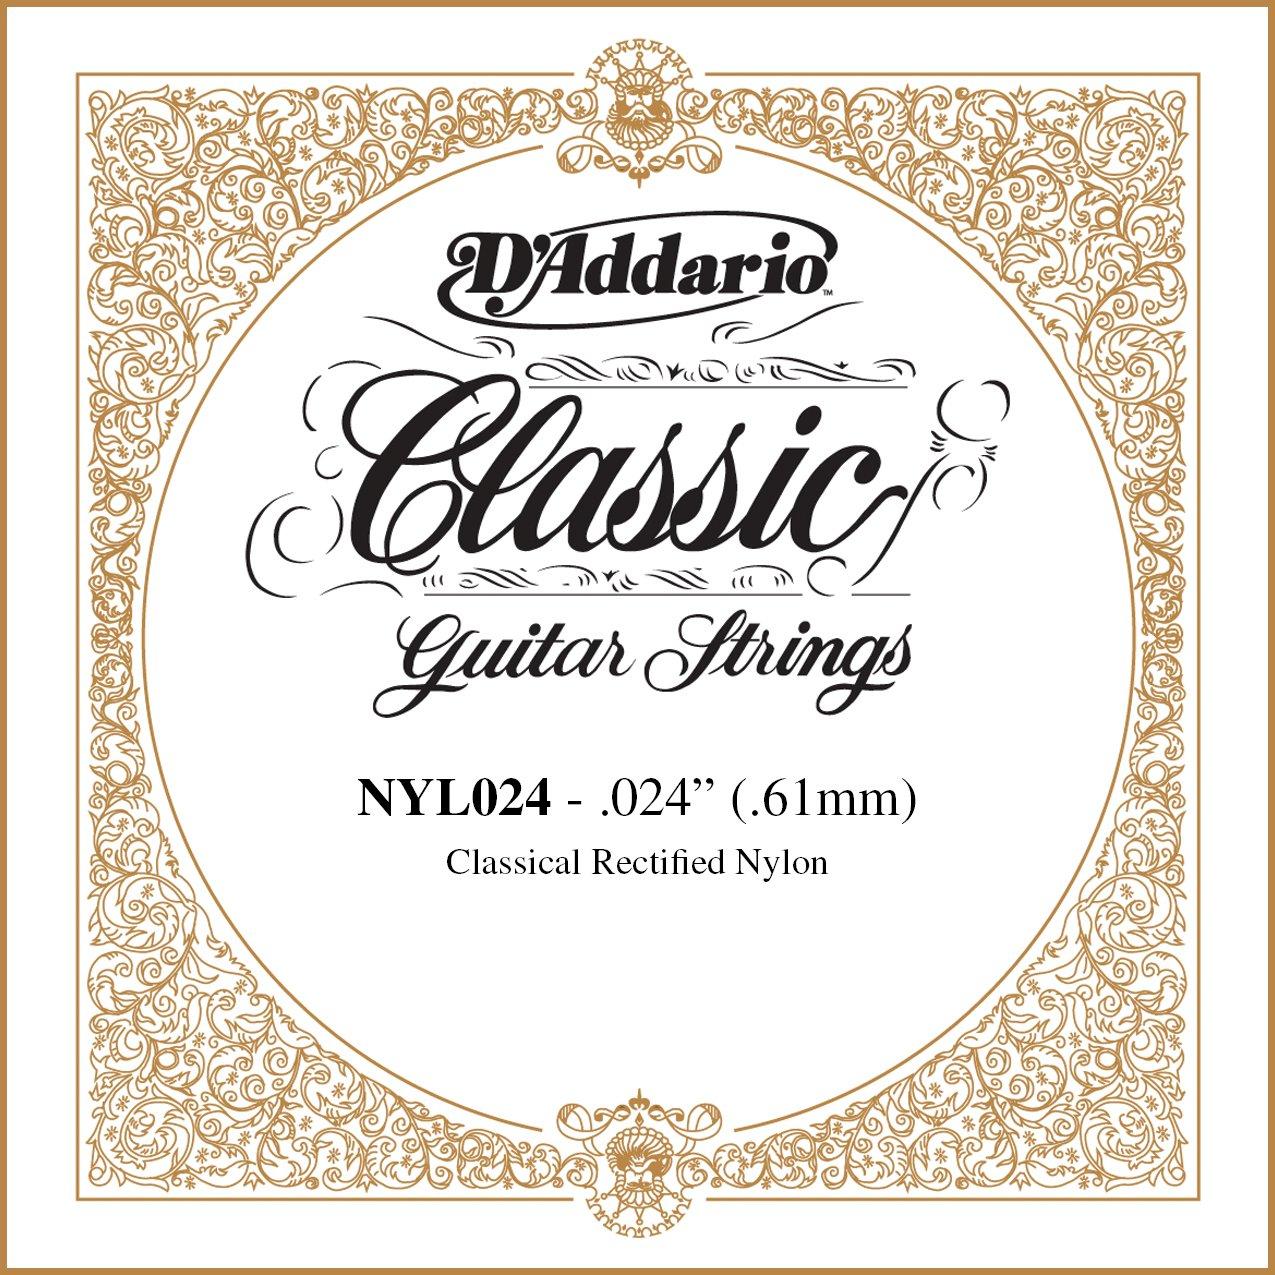 Daddario Nyl024 - Cuerda guitarra española: Amazon.es ...